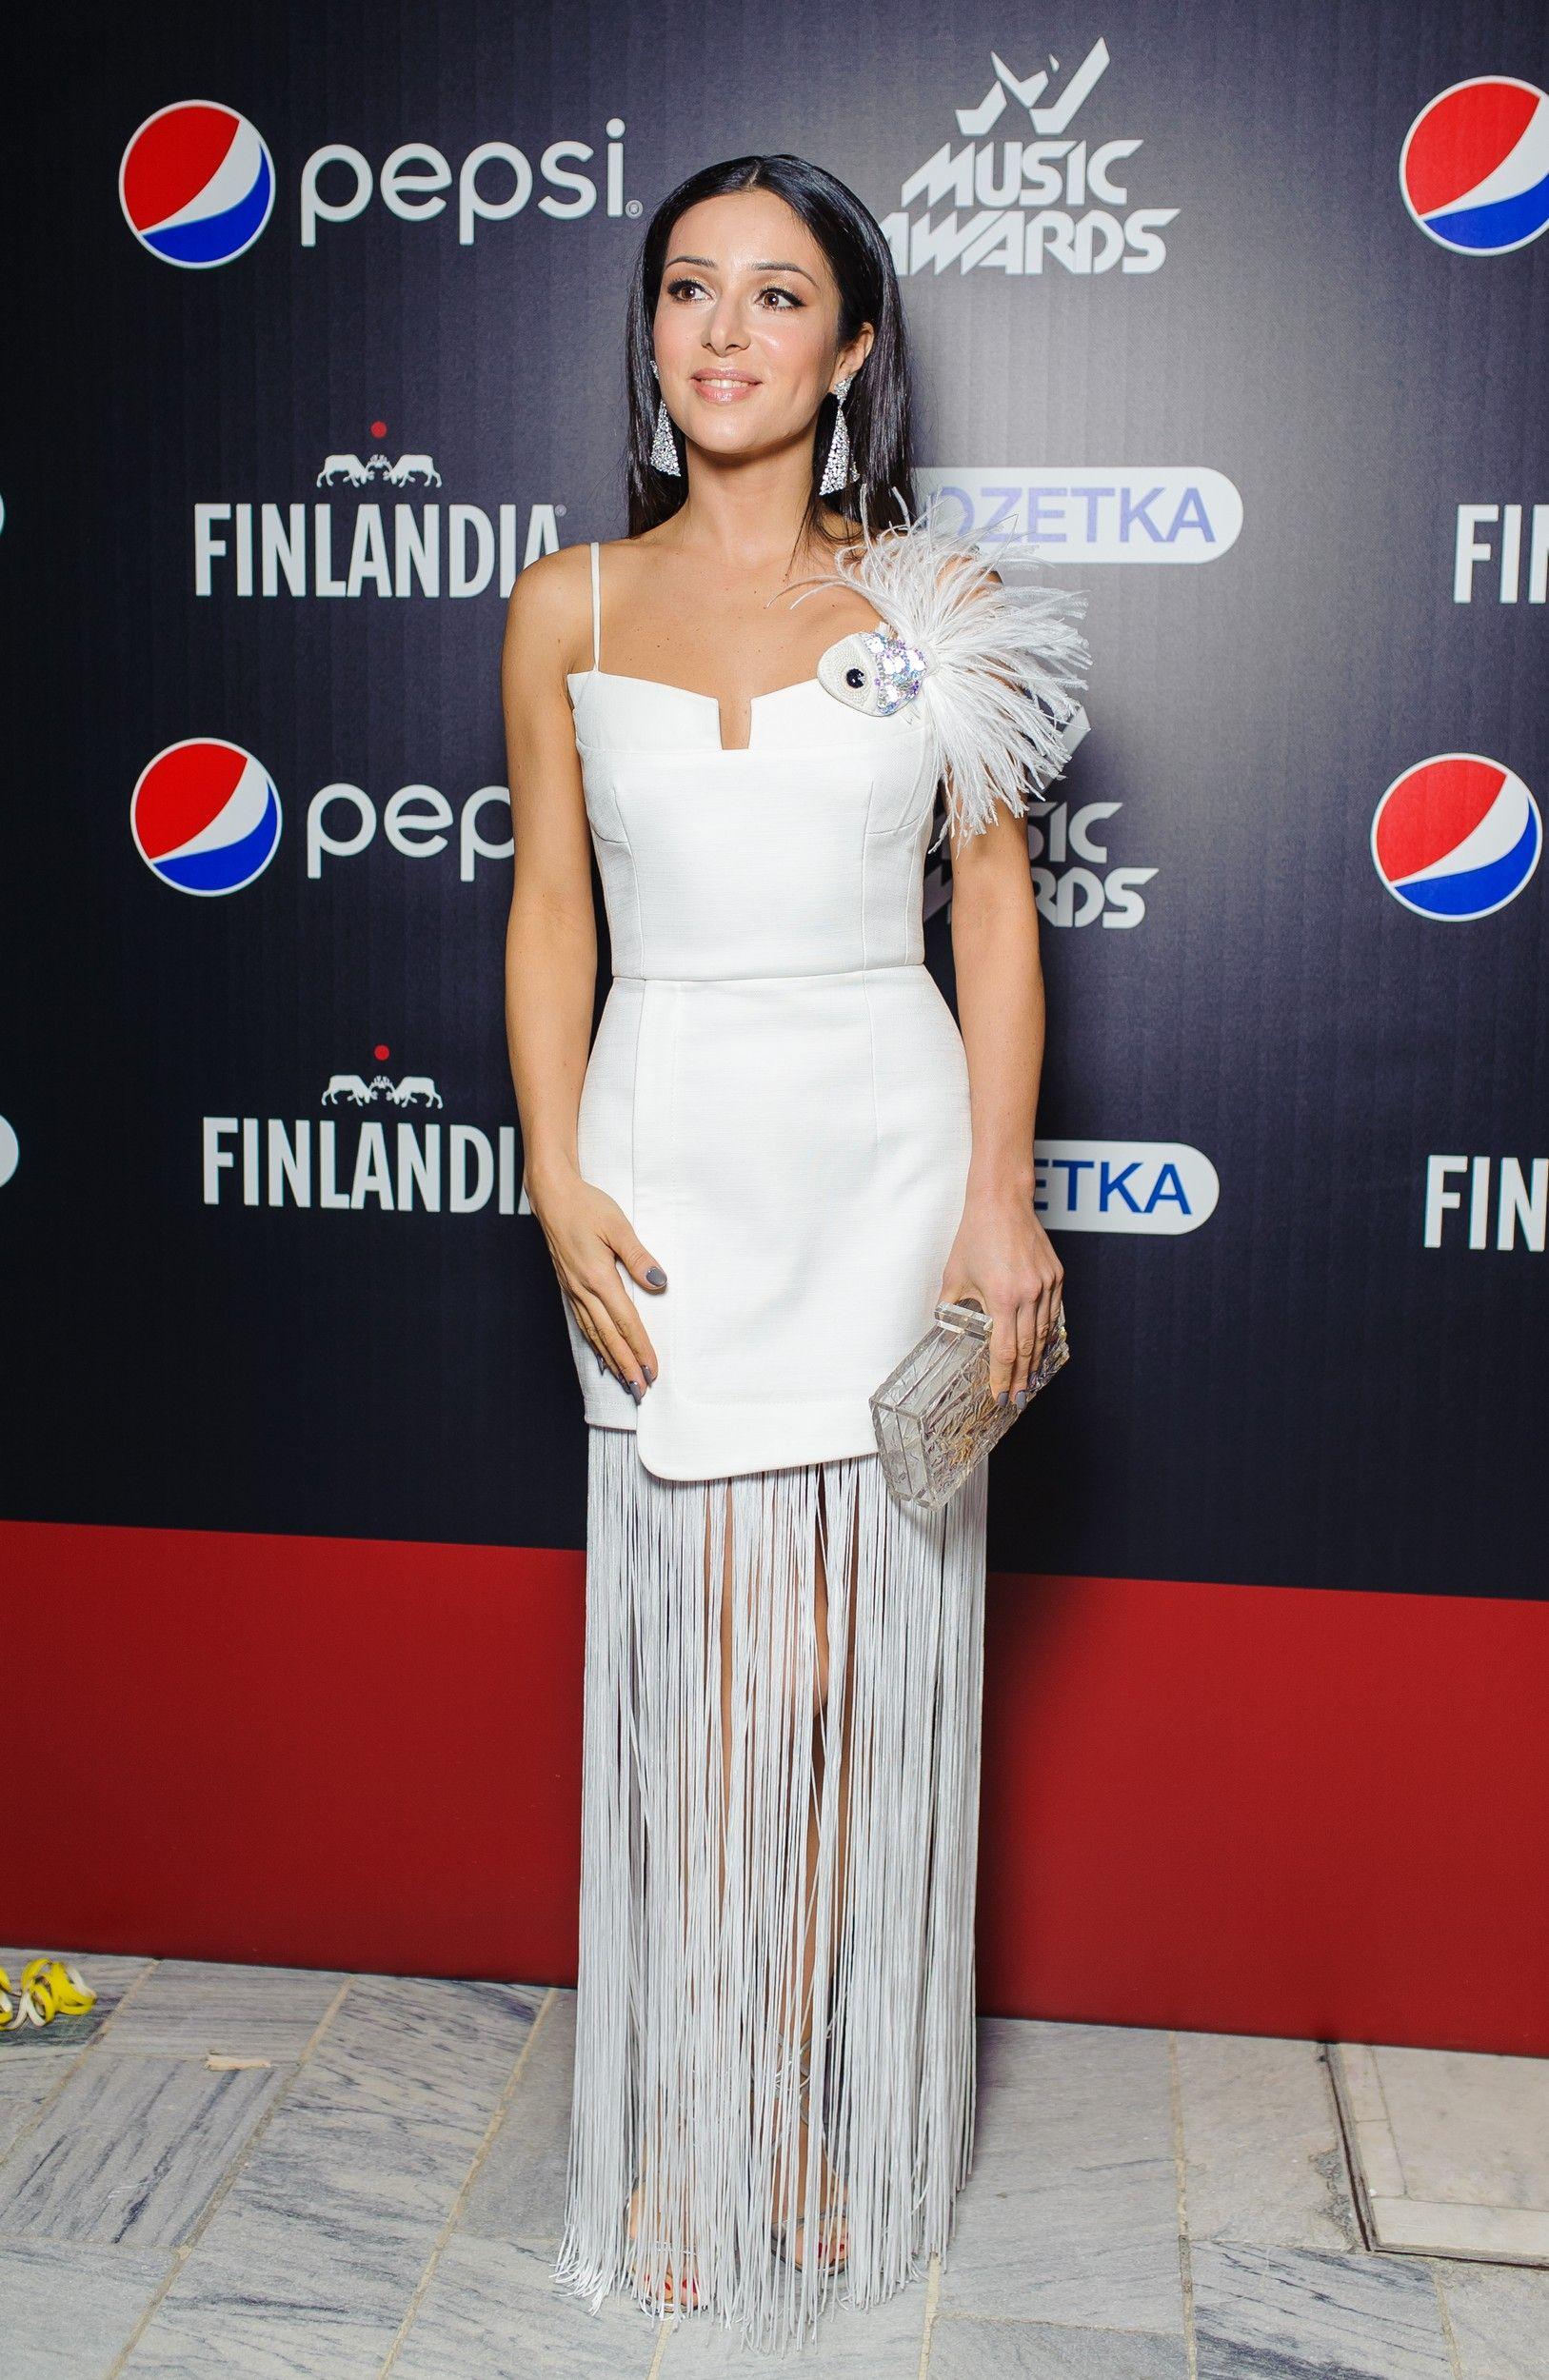 M1 Music Awards 2017: лучшие образы звезд с красной дорожки - фото 356112